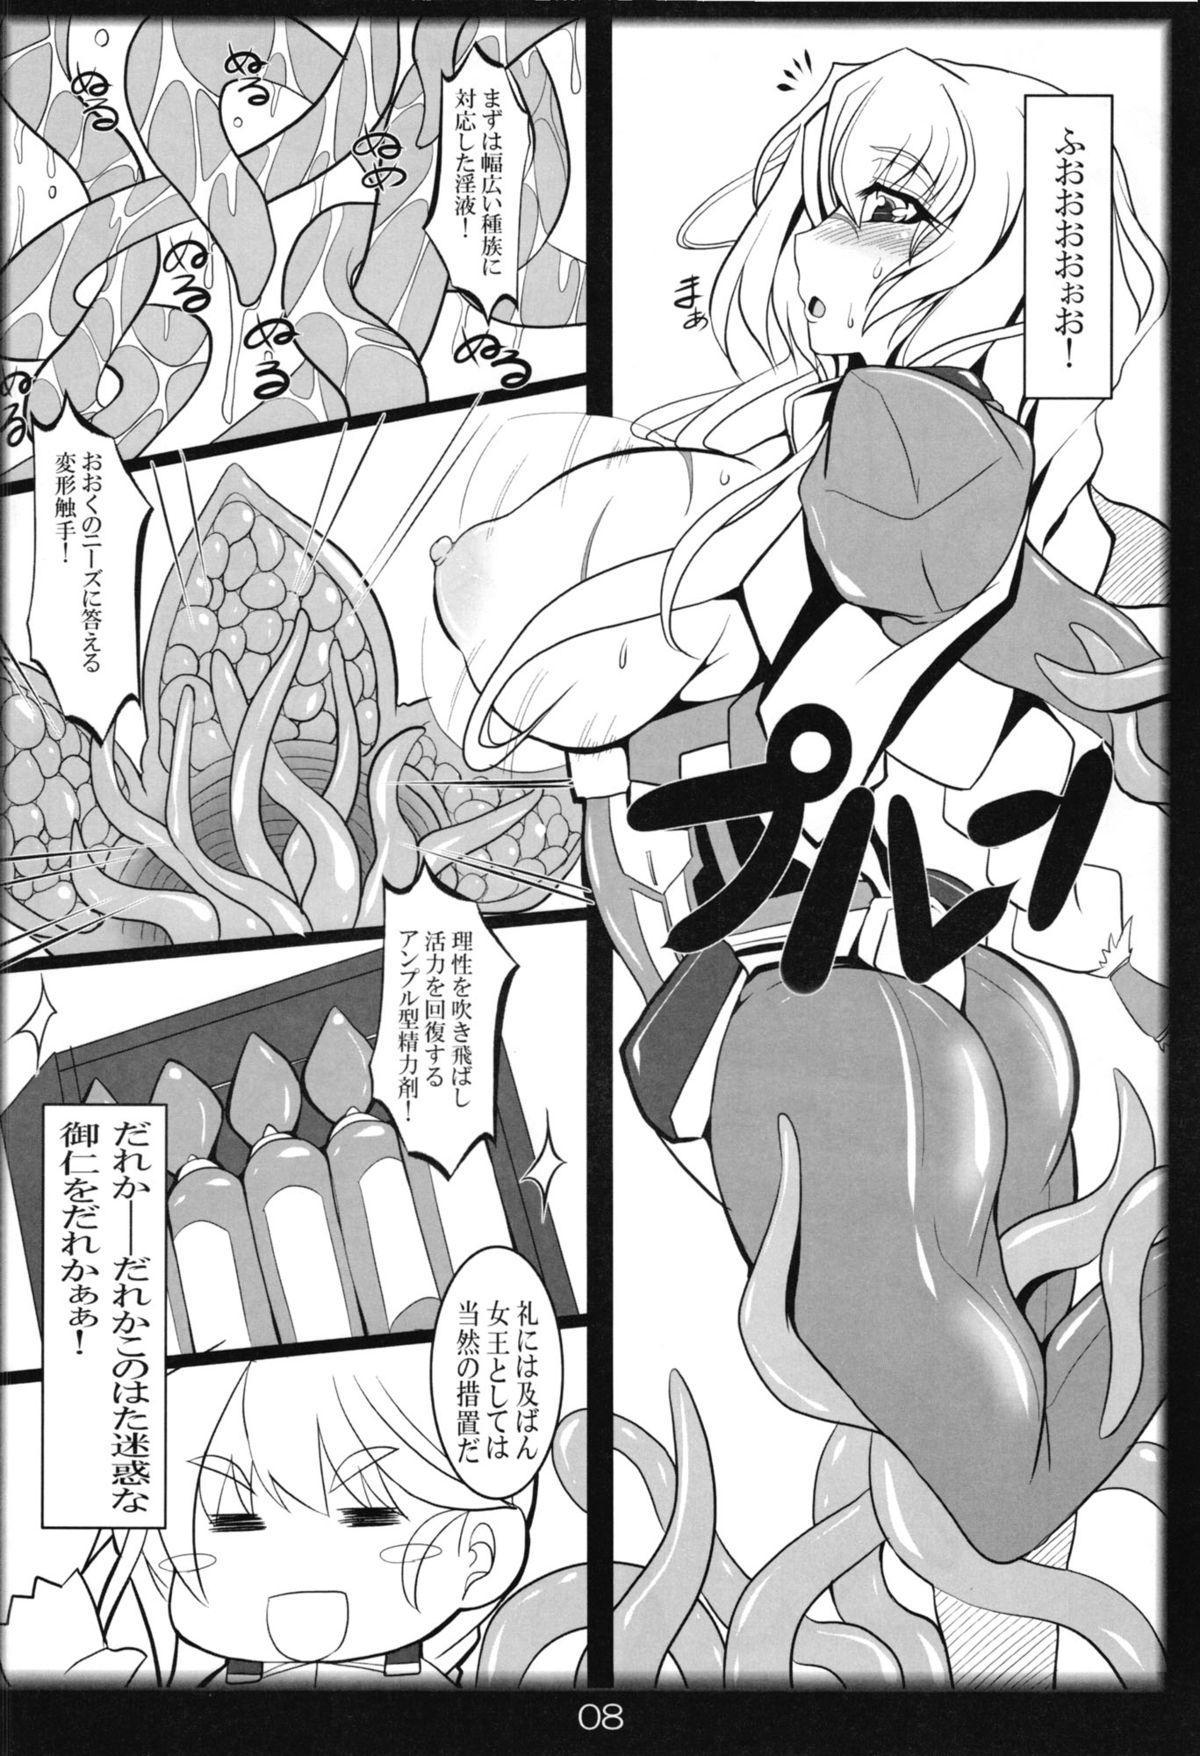 Yousei Shimai no Hanazono Yuugi 7